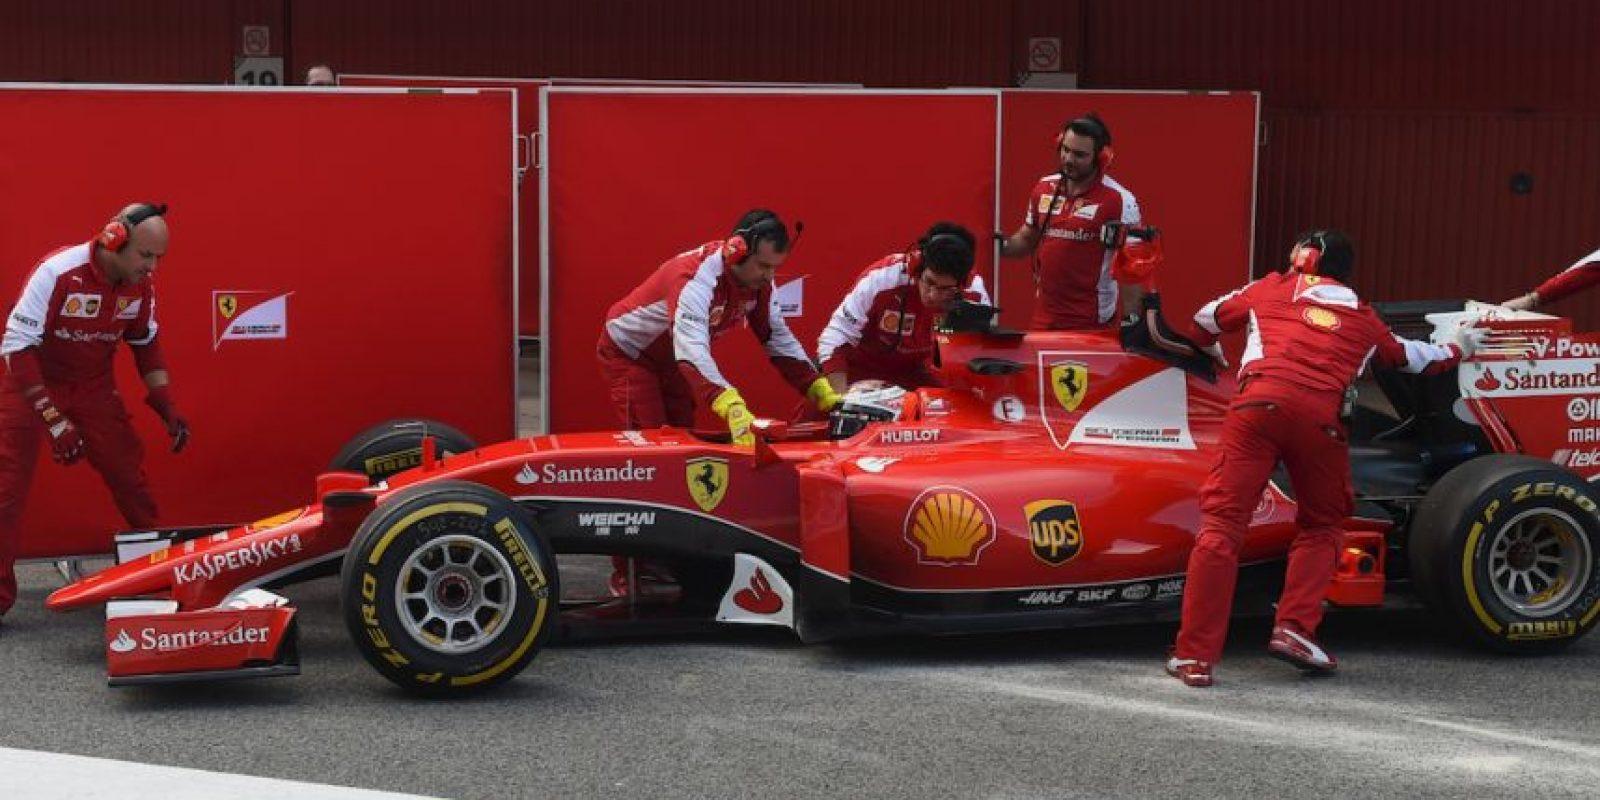 El equipo italiano buscará a toda costa el título que se les ha negado en las últimas campañas Foto:Getty